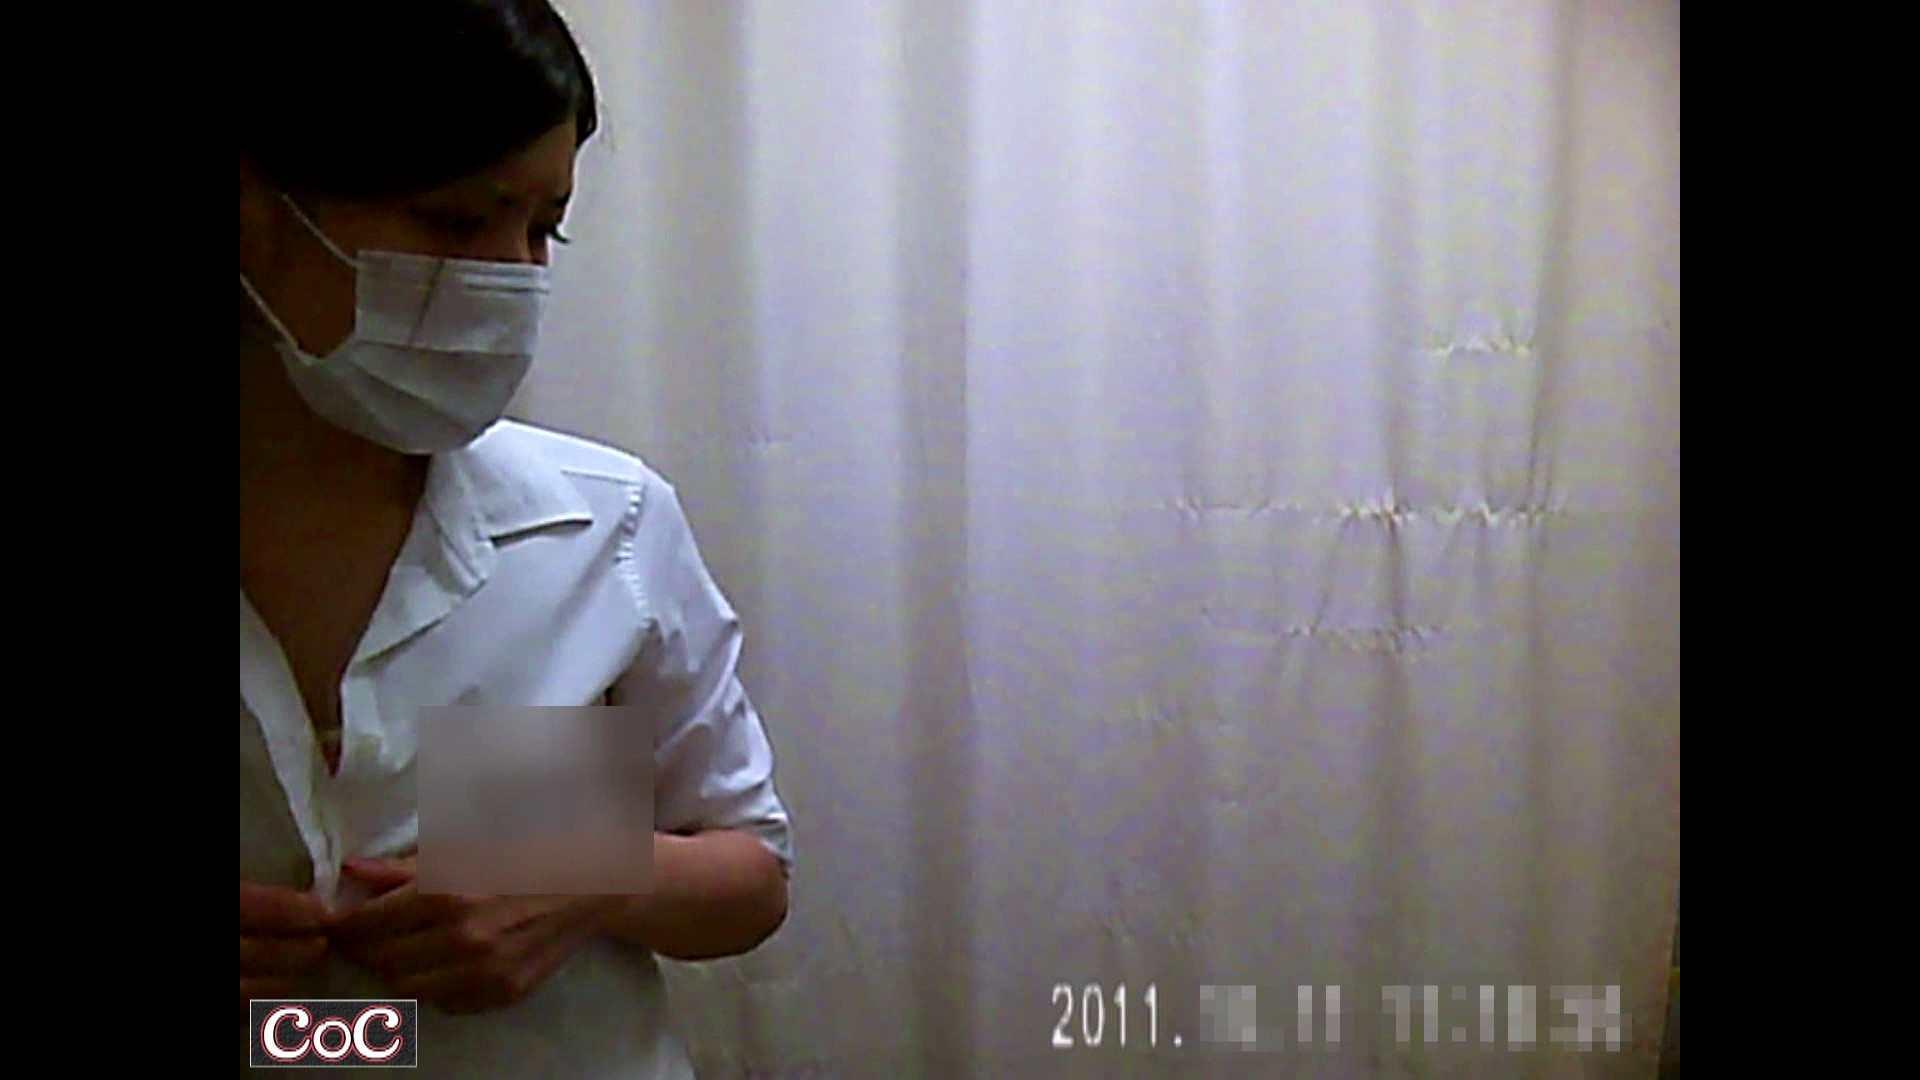 元医者による反抗 更衣室地獄絵巻 vol.242 OLハメ撮り  27Pix 16